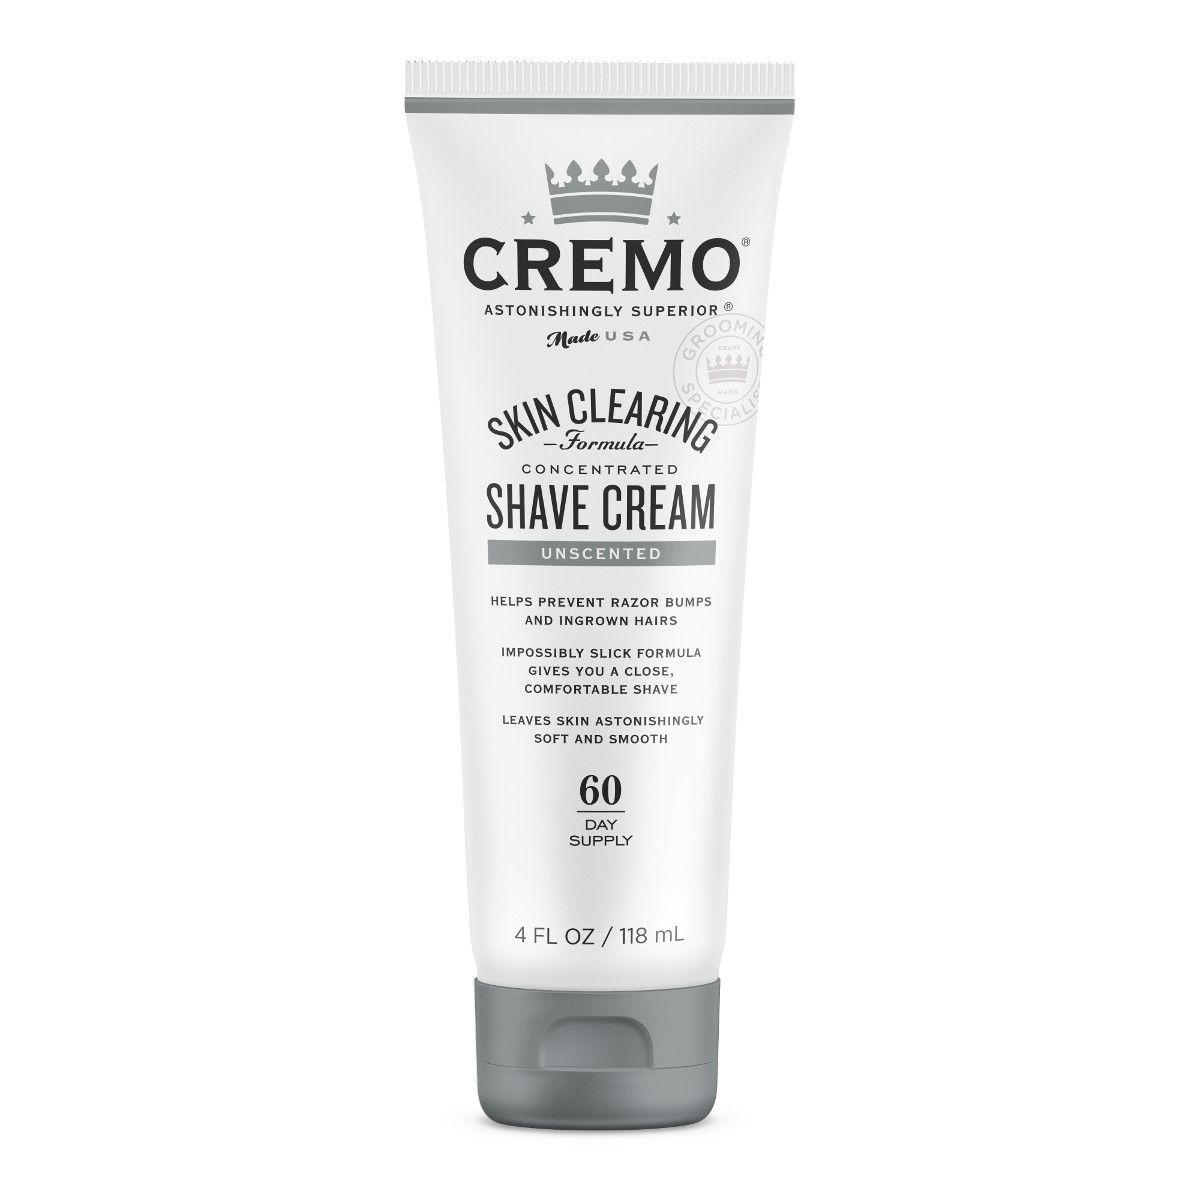 Cremo - Unscented - Cream image